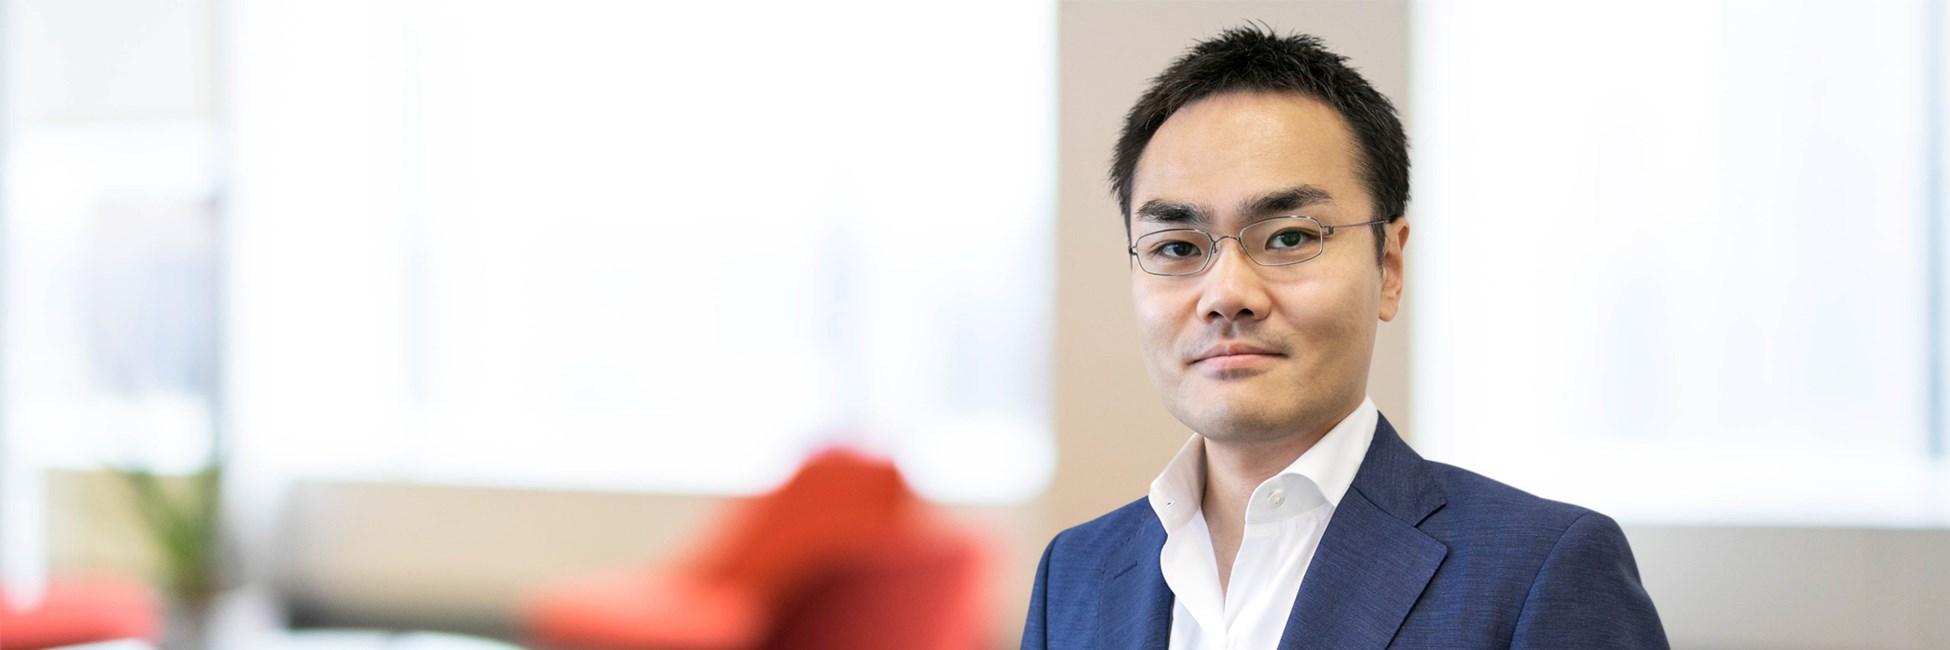 Takashi Ohara - Management Consultant   Bain & Company